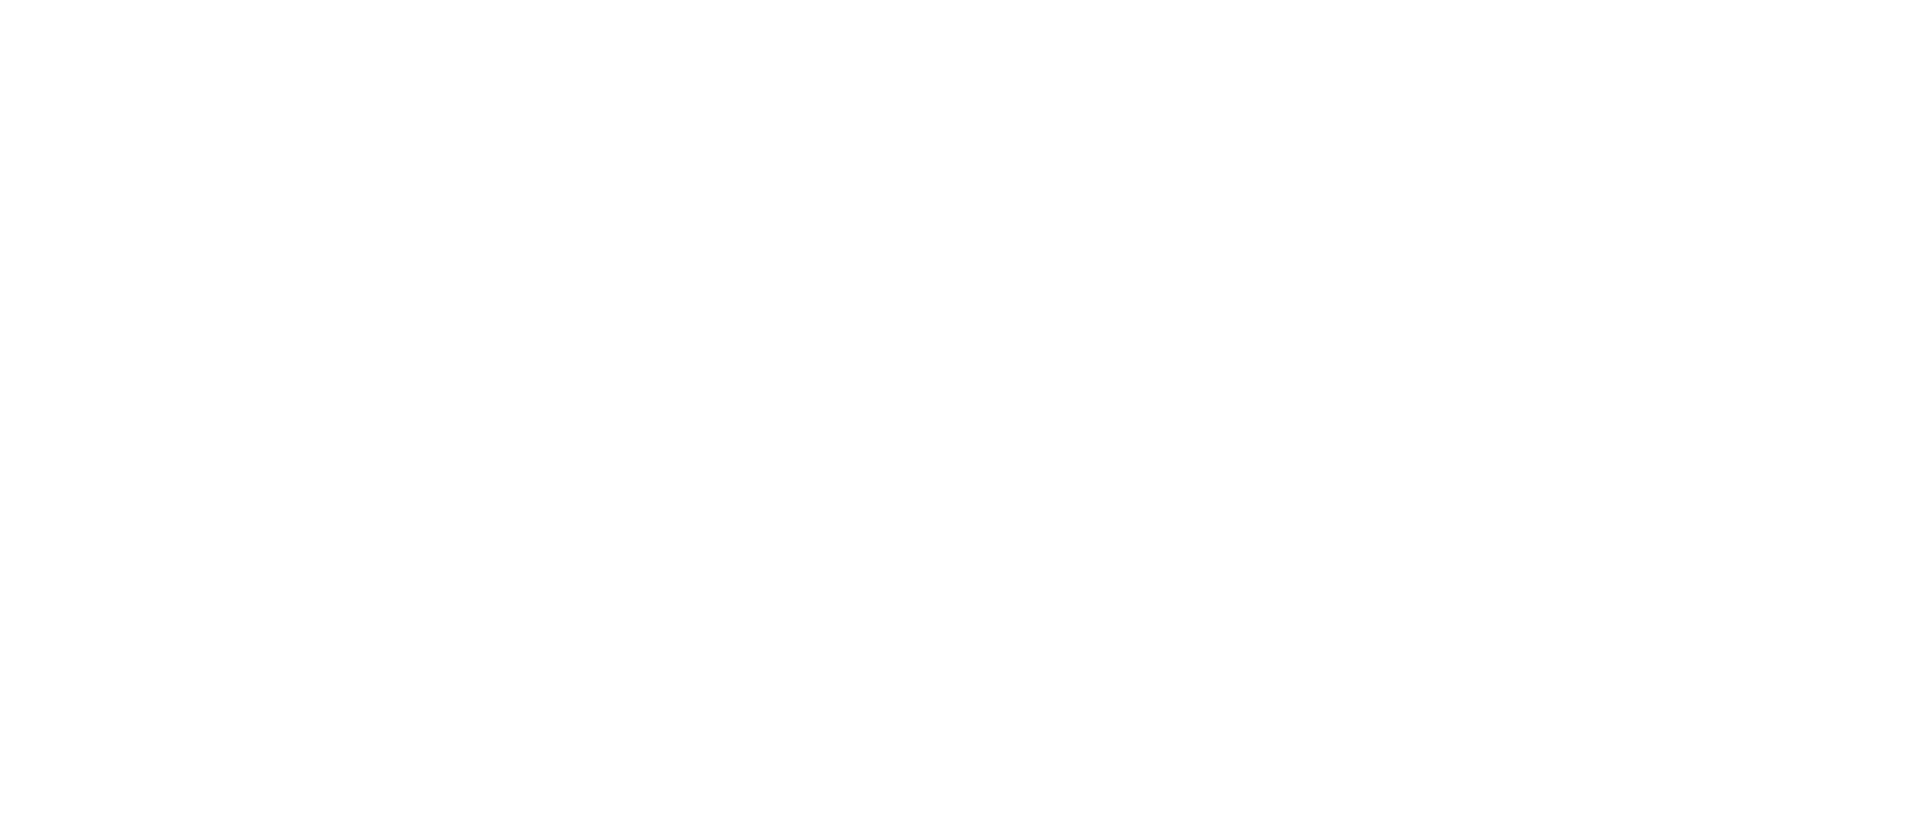 tracerystone.com logo